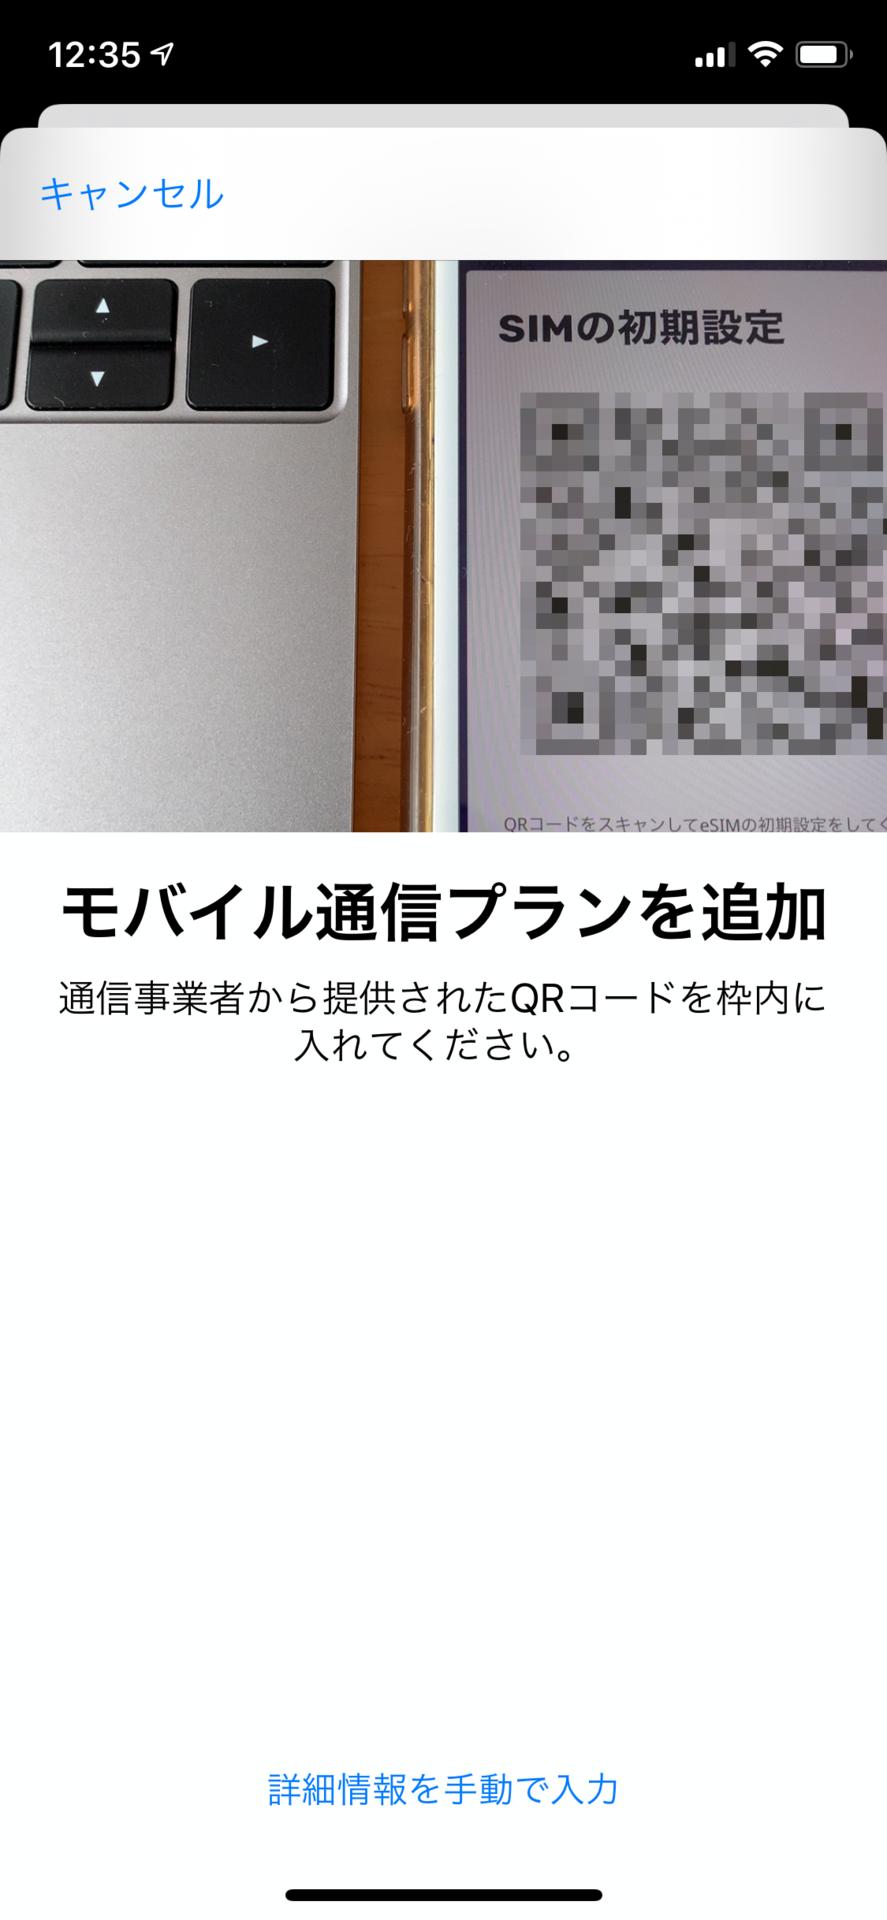 f:id:rx7:20200725152438p:image:w300